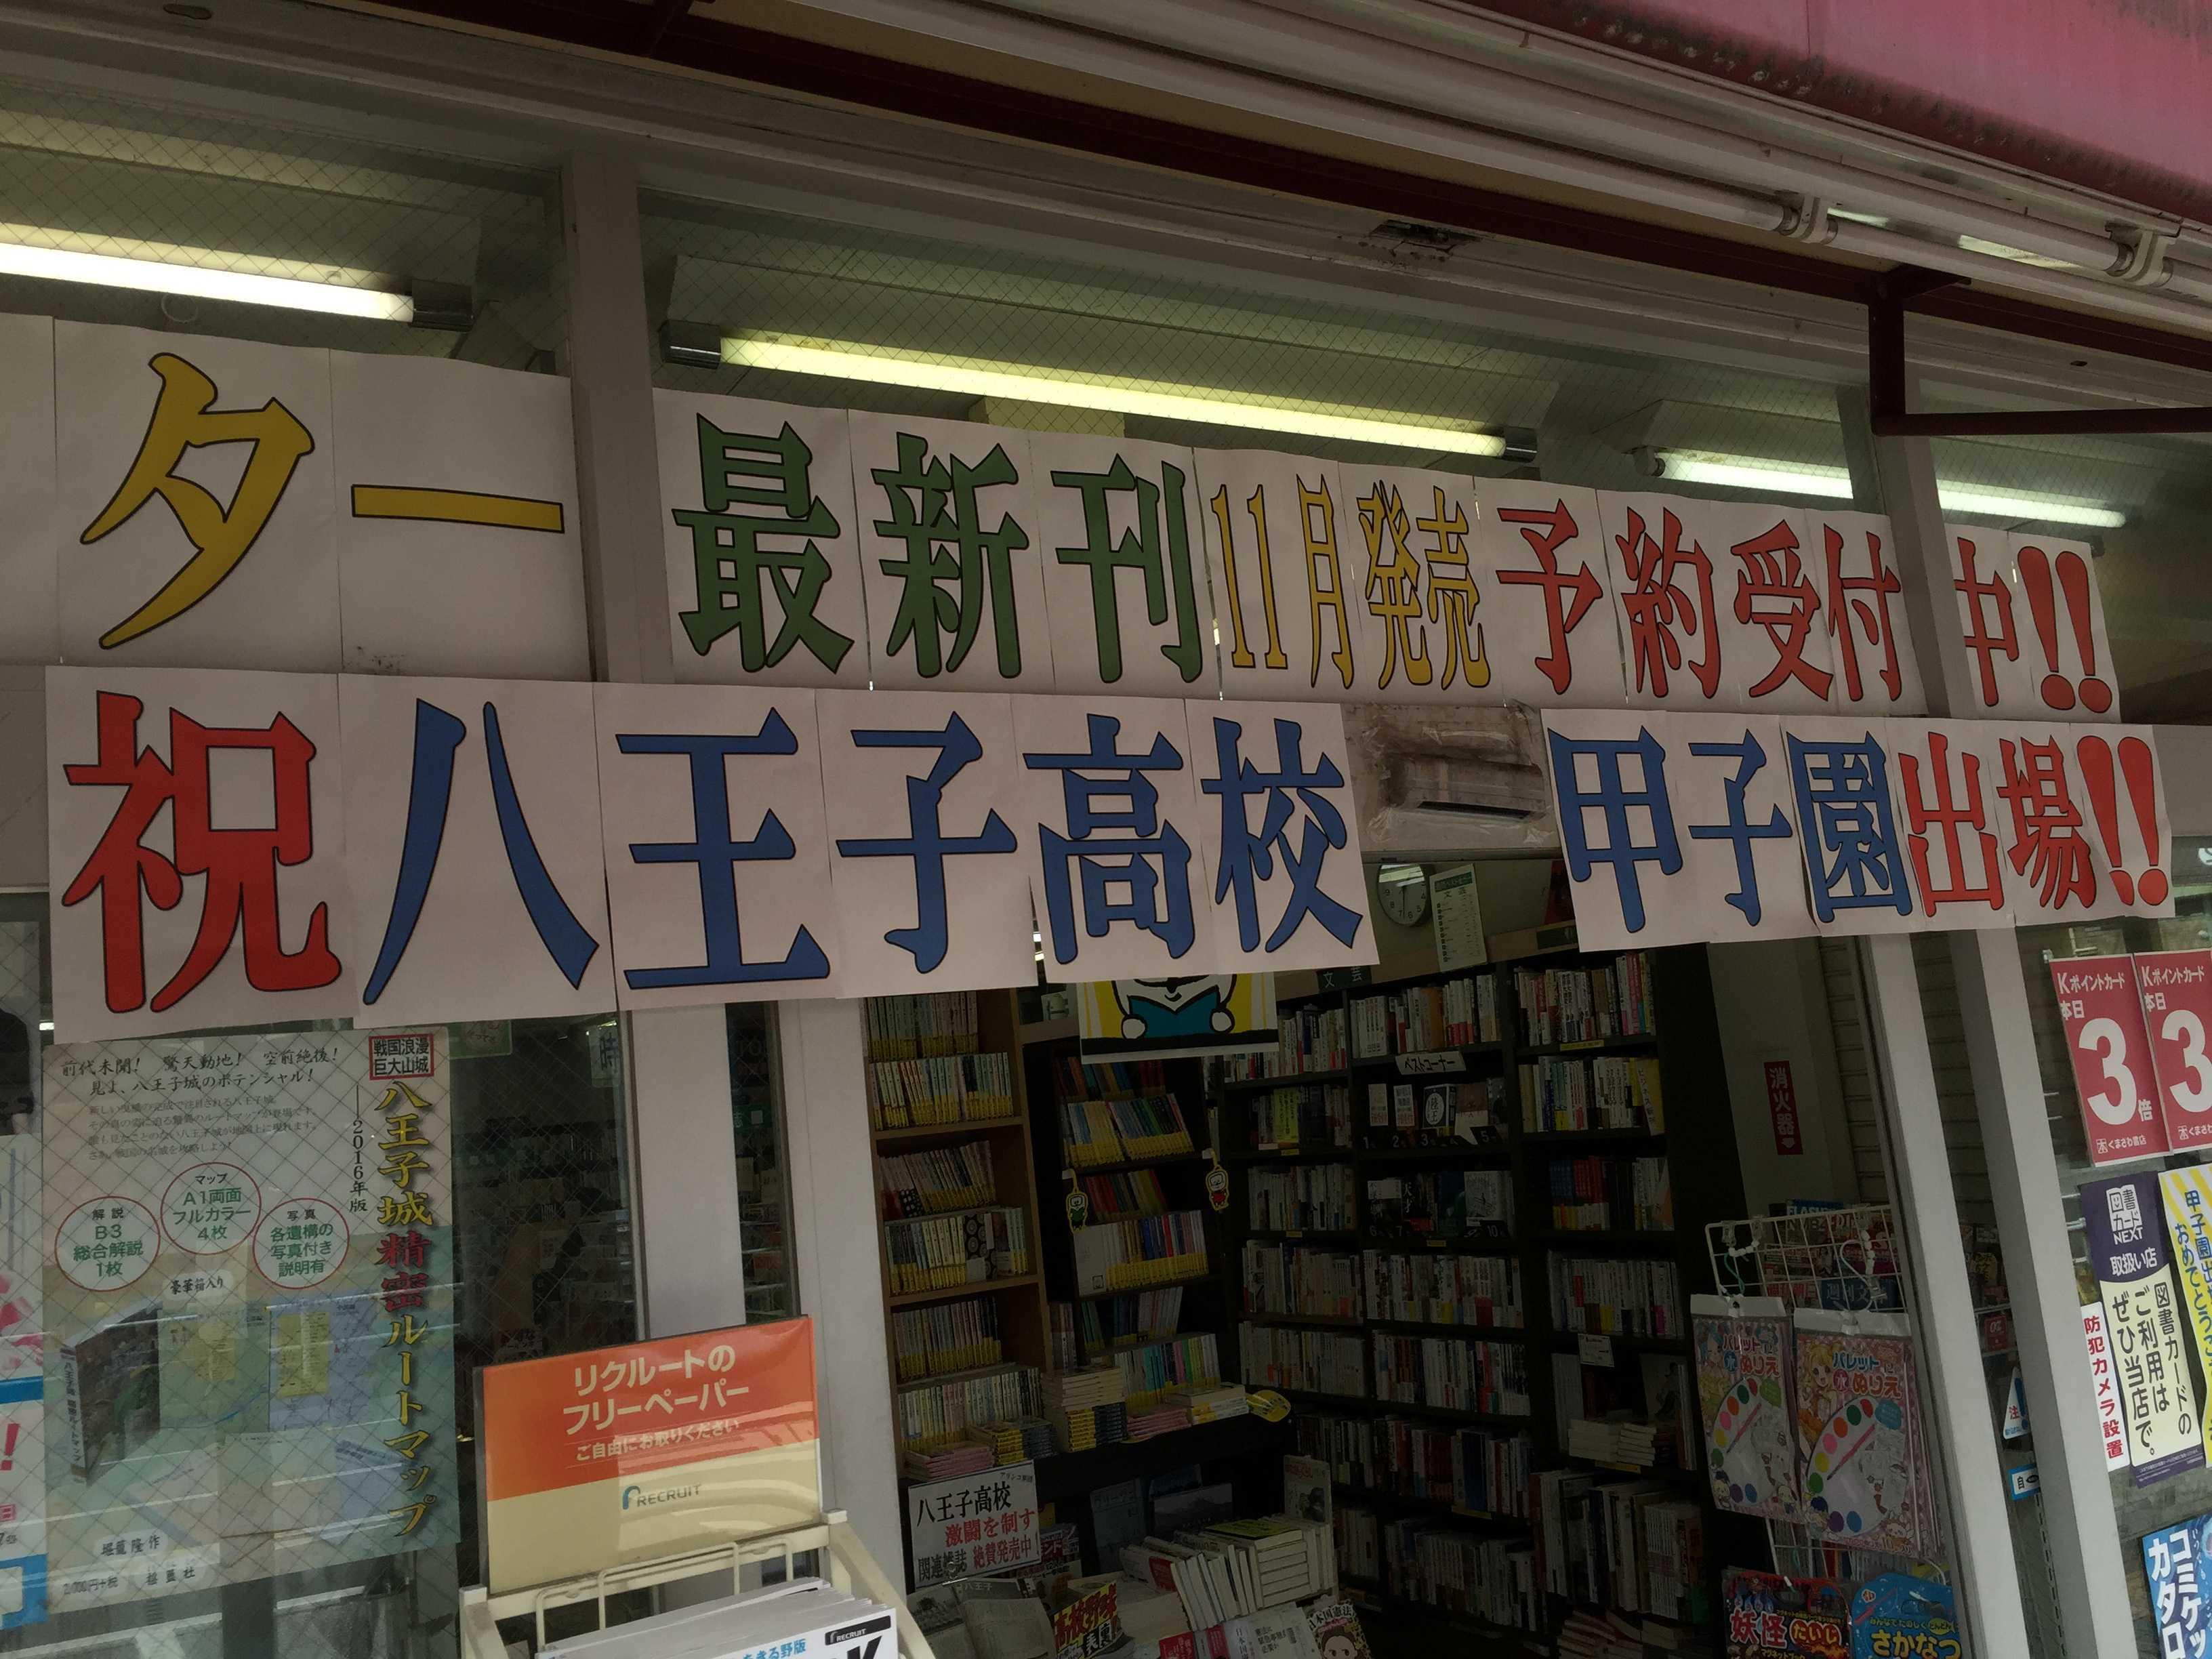 「祝 八王子高校 甲子園出場!!」 - くまざわ書店